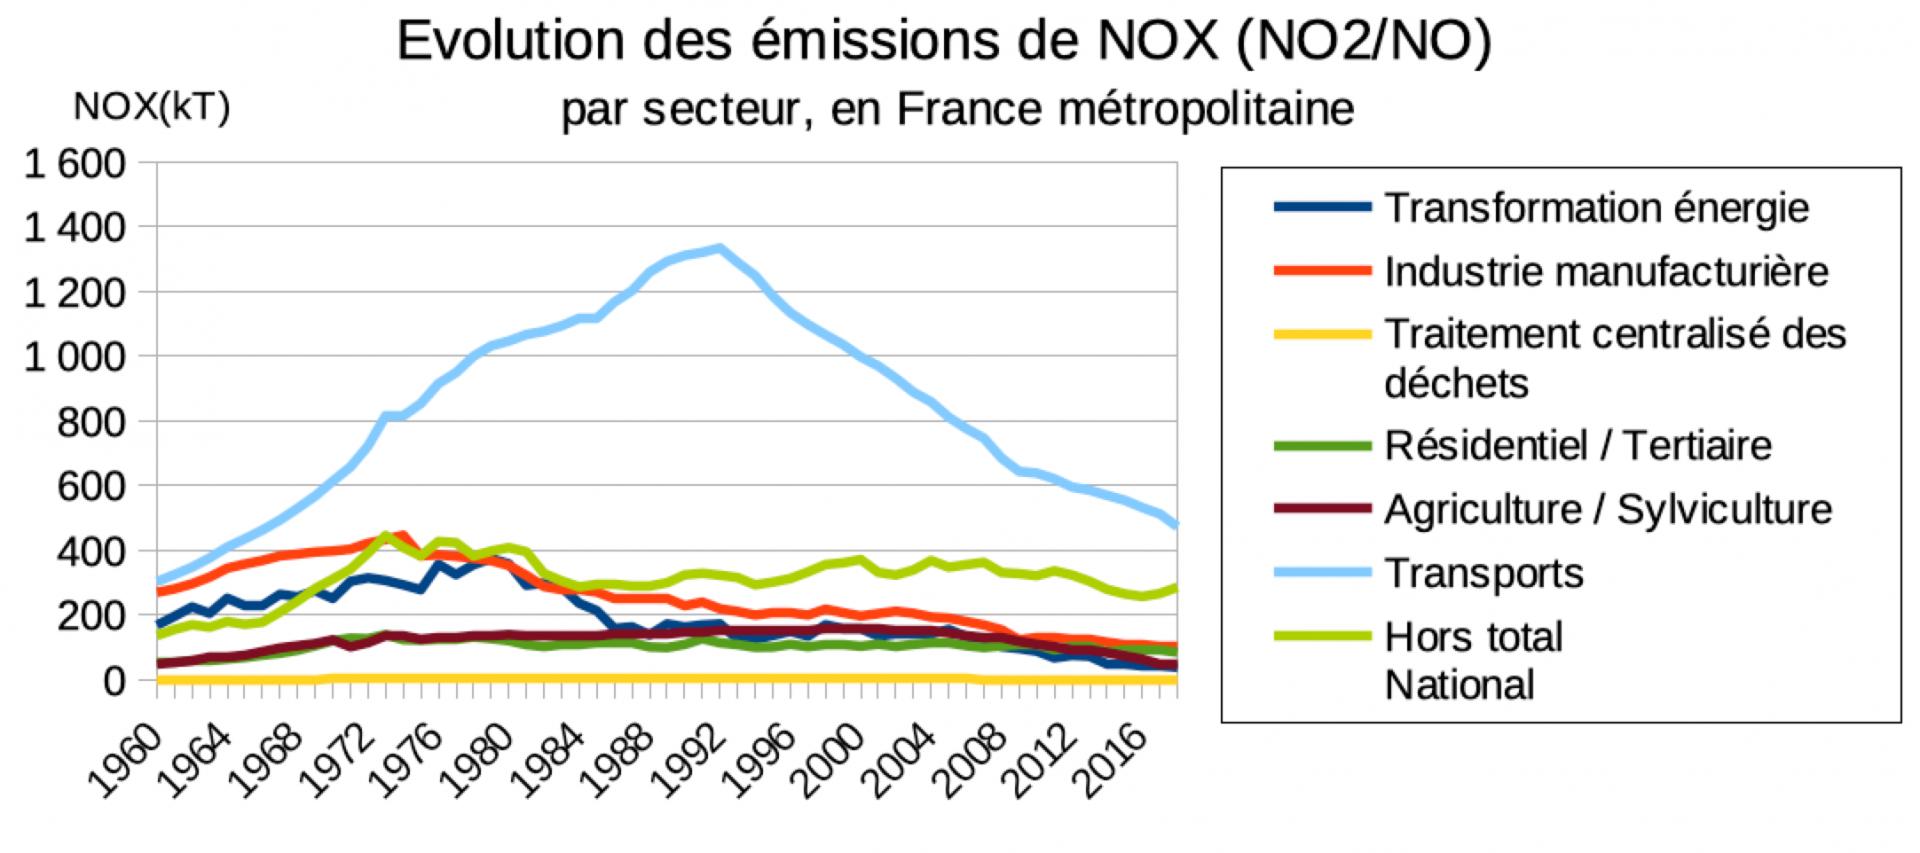 Evolution de la repartition des emission de nox par secteur